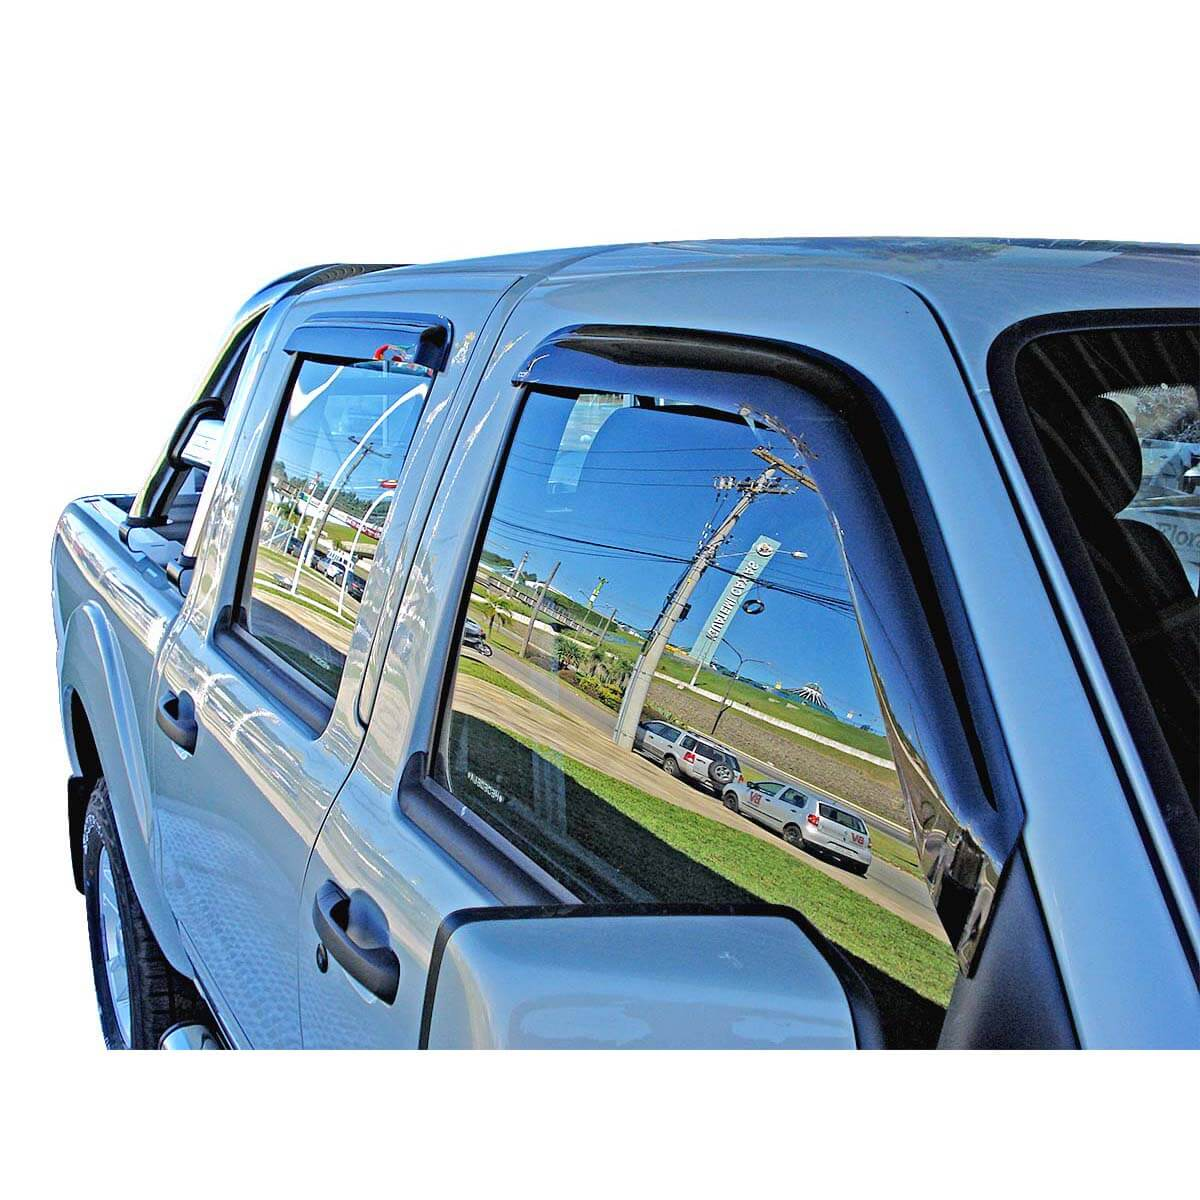 Calha de chuva Amarok cabine dupla 2011 a 2020